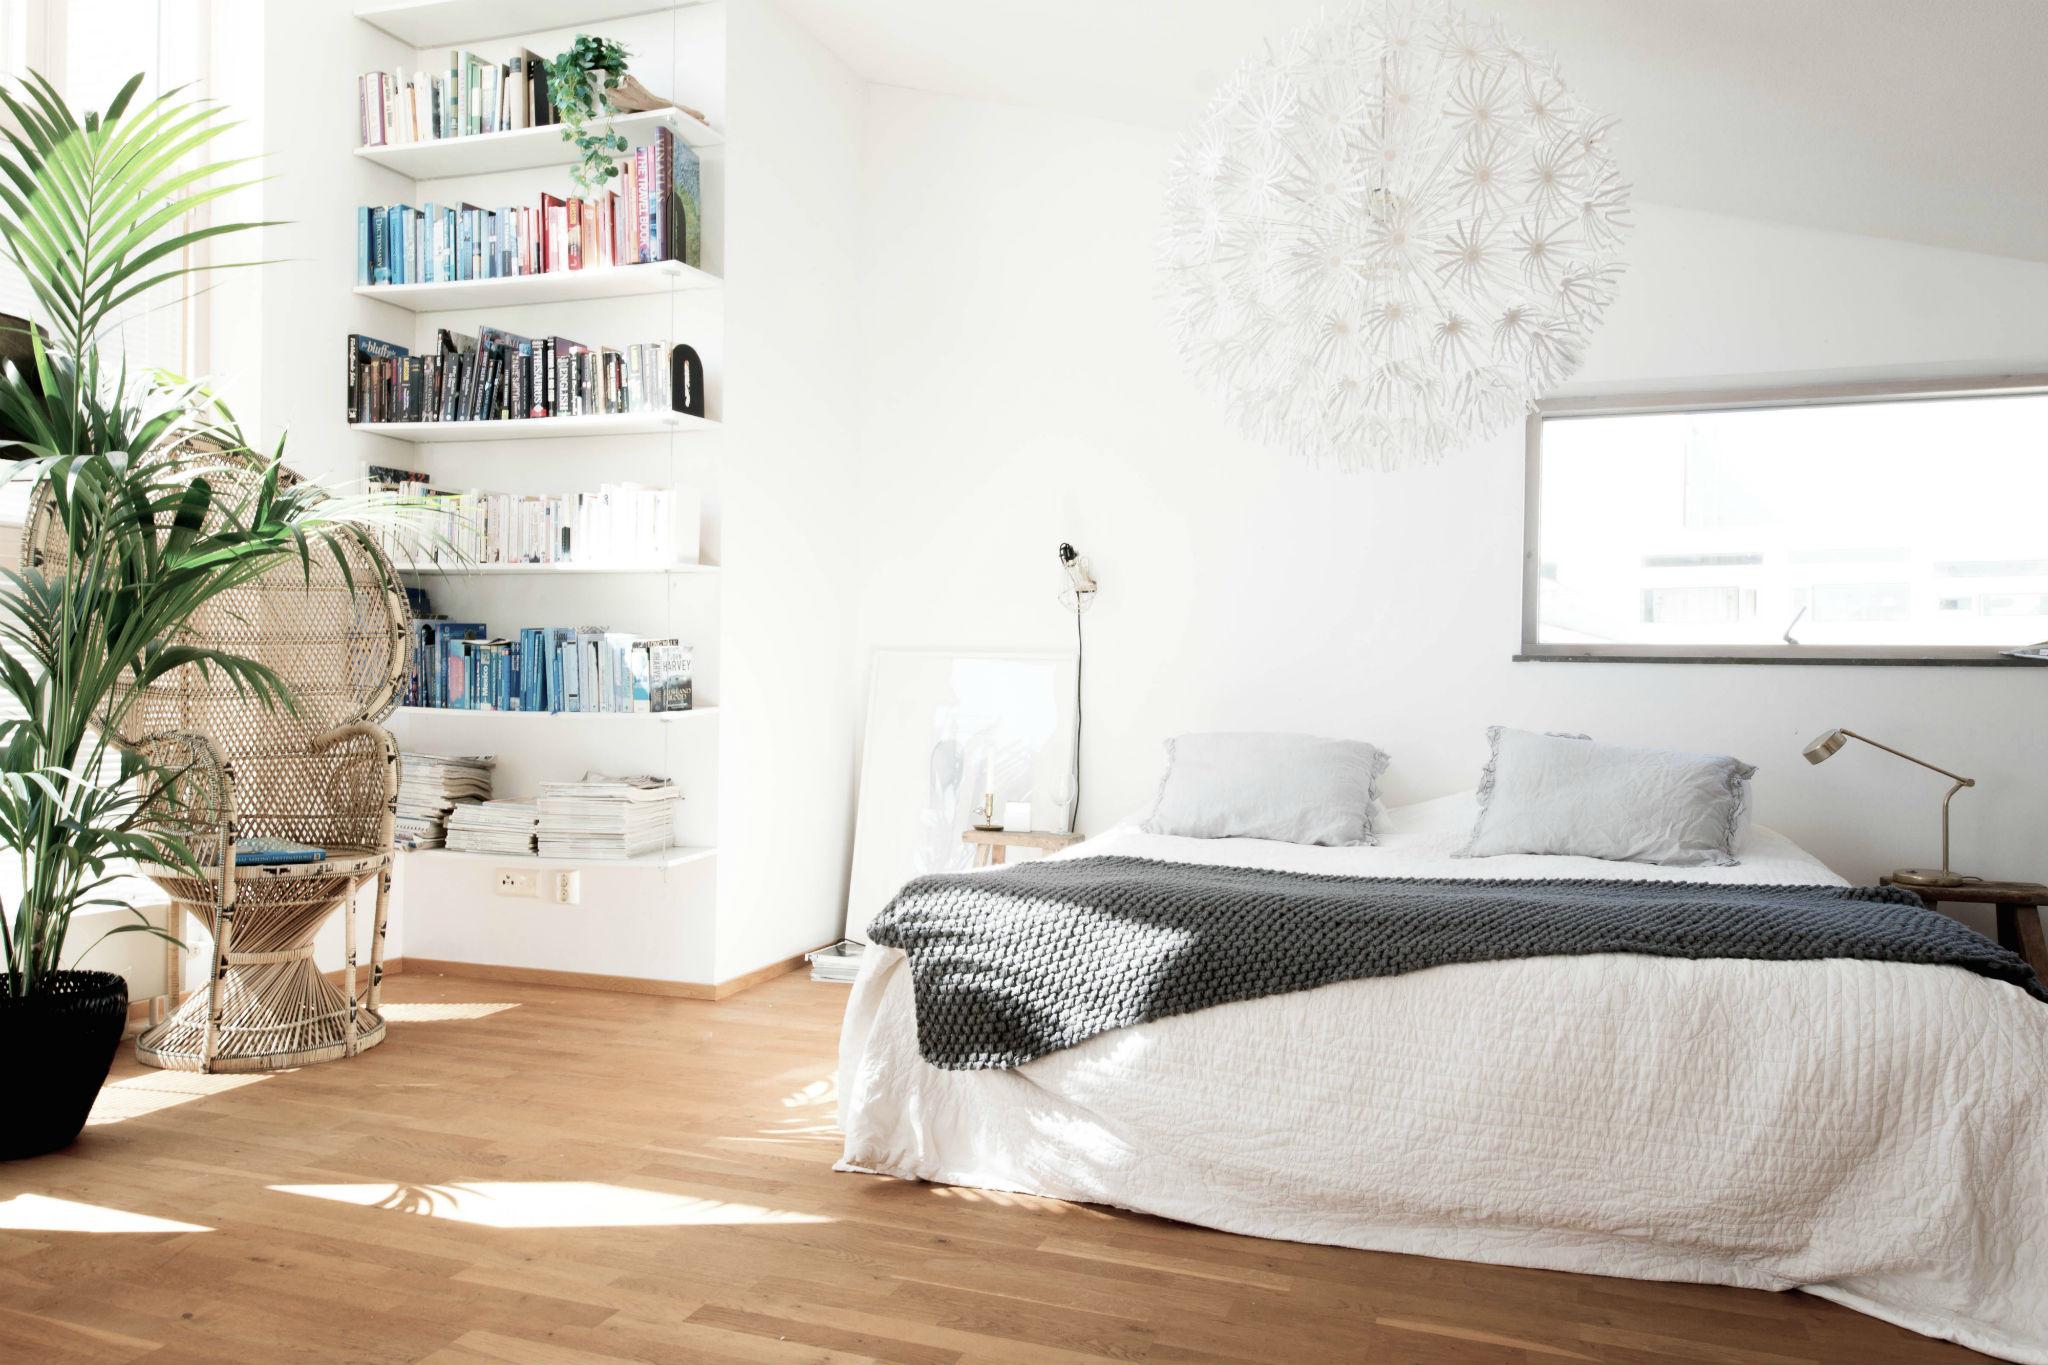 Os segredos de decoração do estilo escandinavo | Unibanco